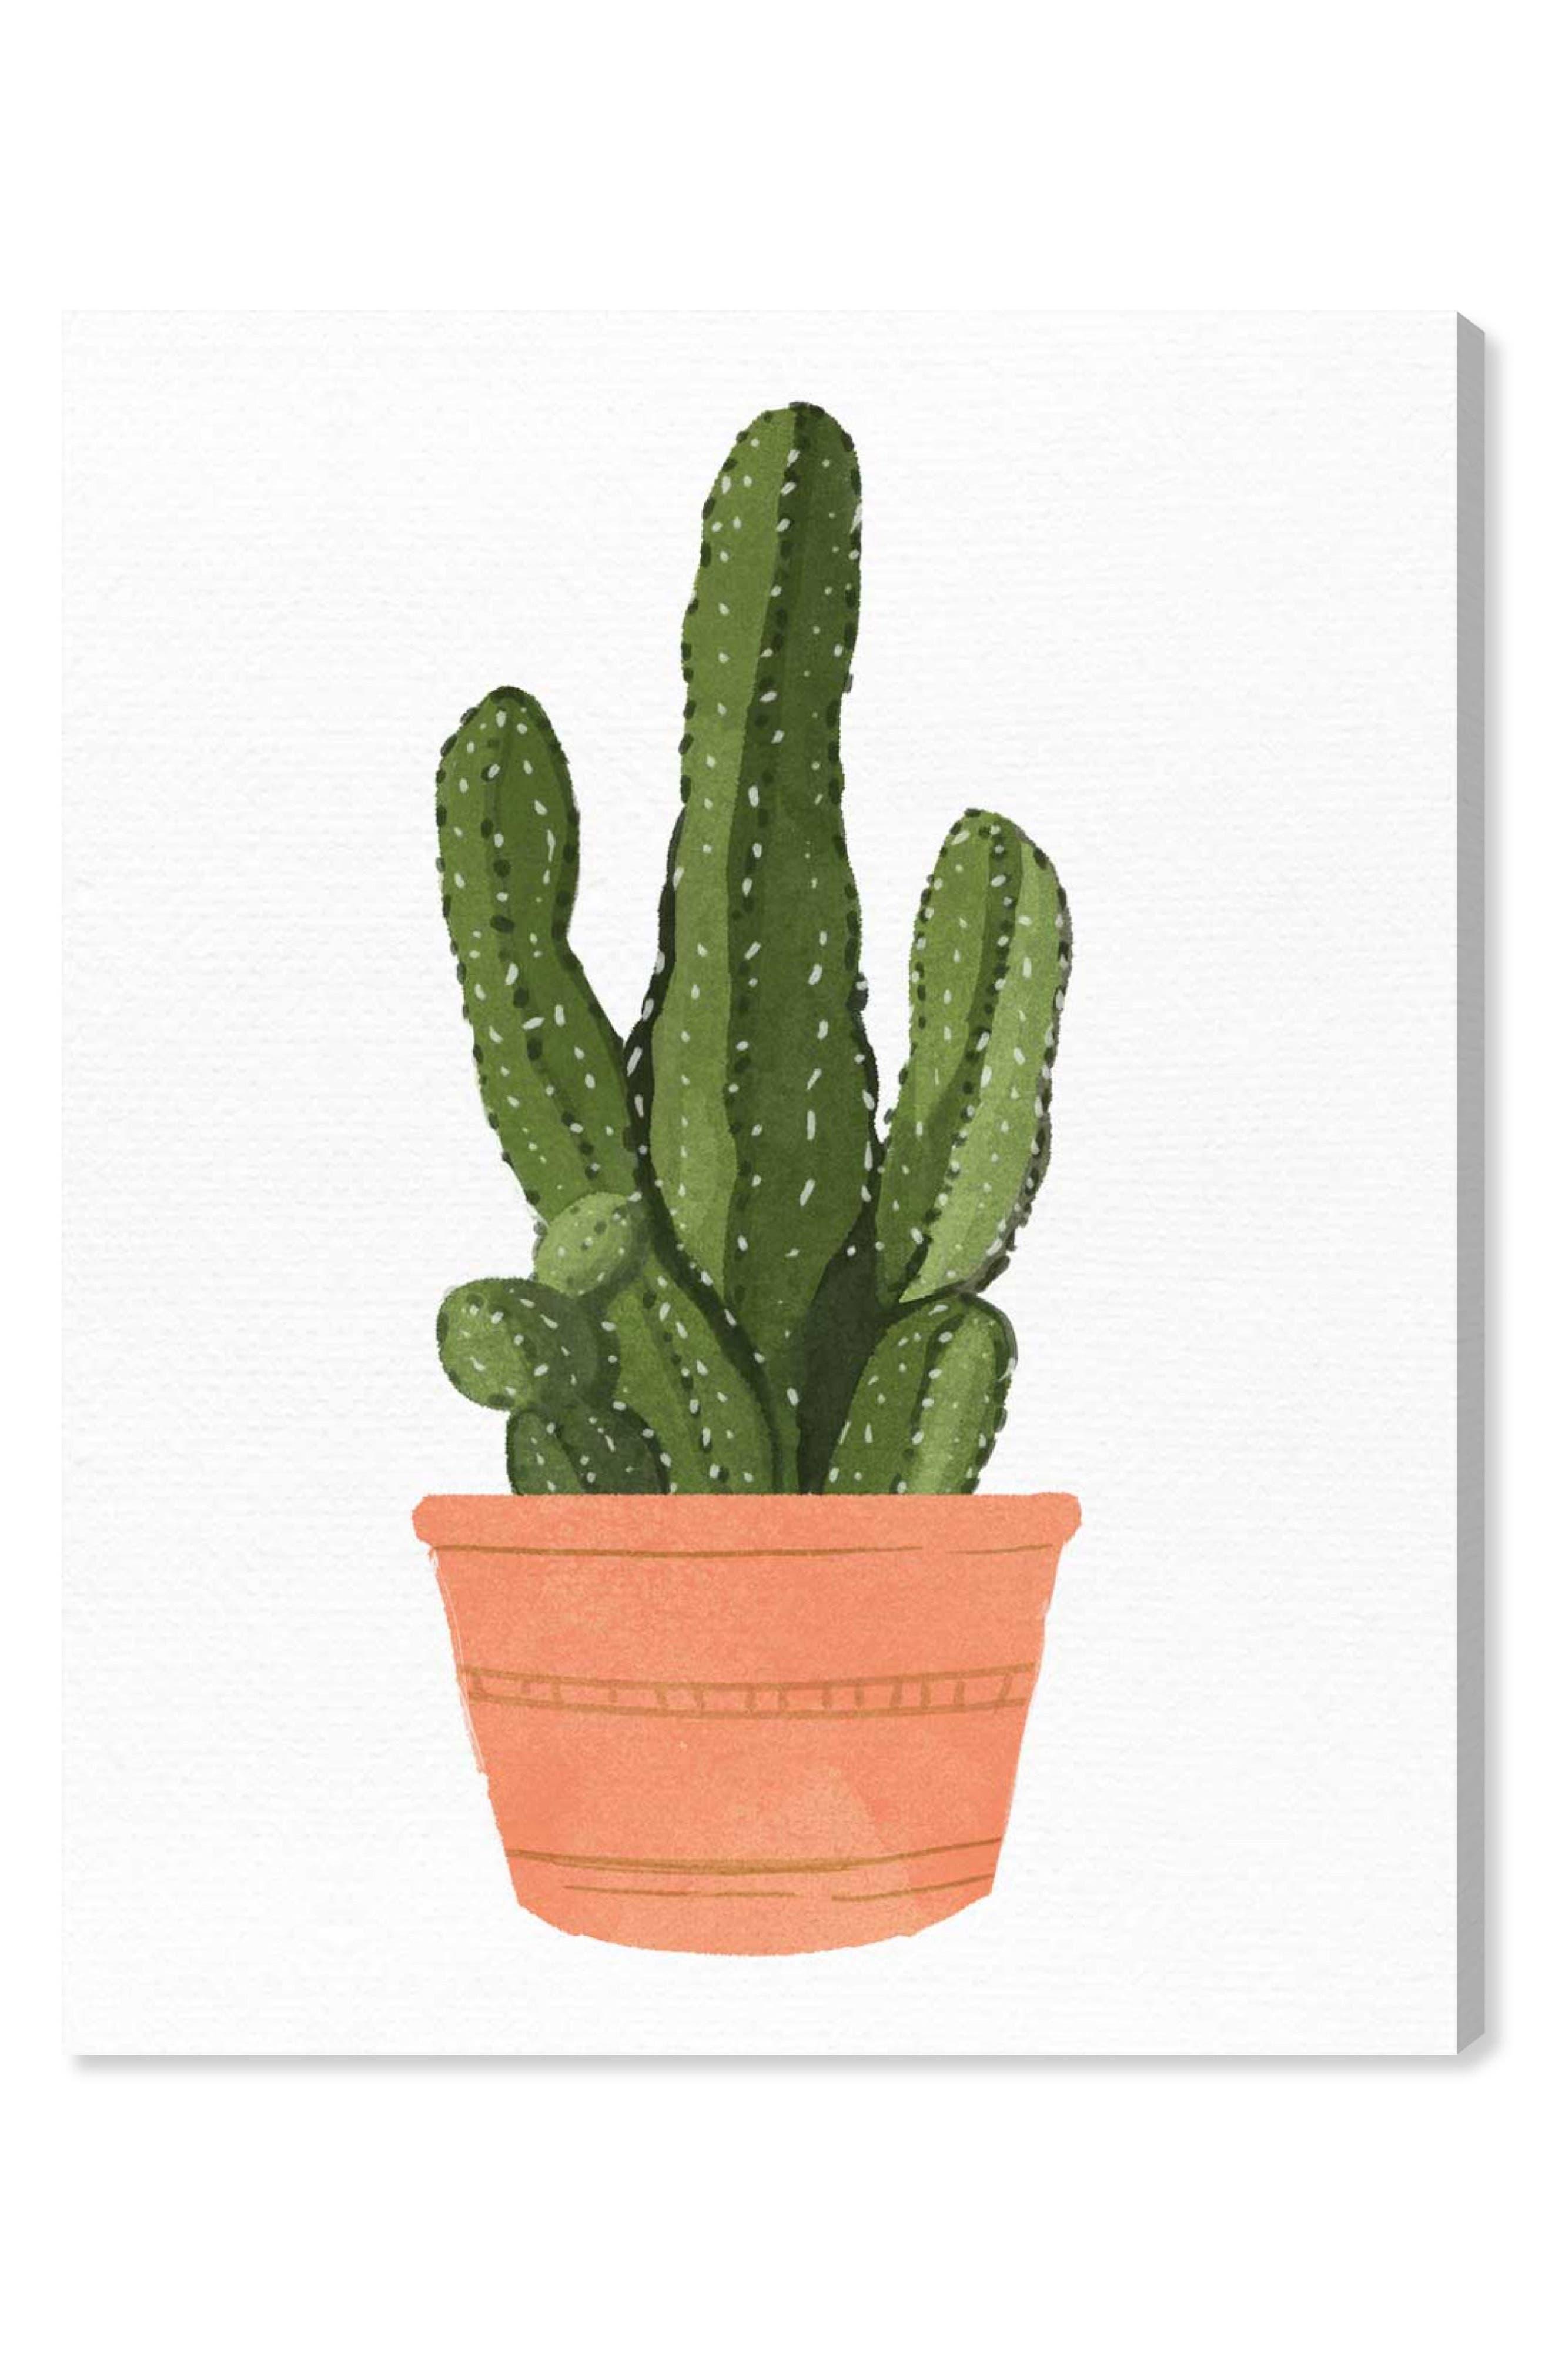 Cactus Coral III Canvas Wall Art,                             Main thumbnail 1, color,                             GREEN